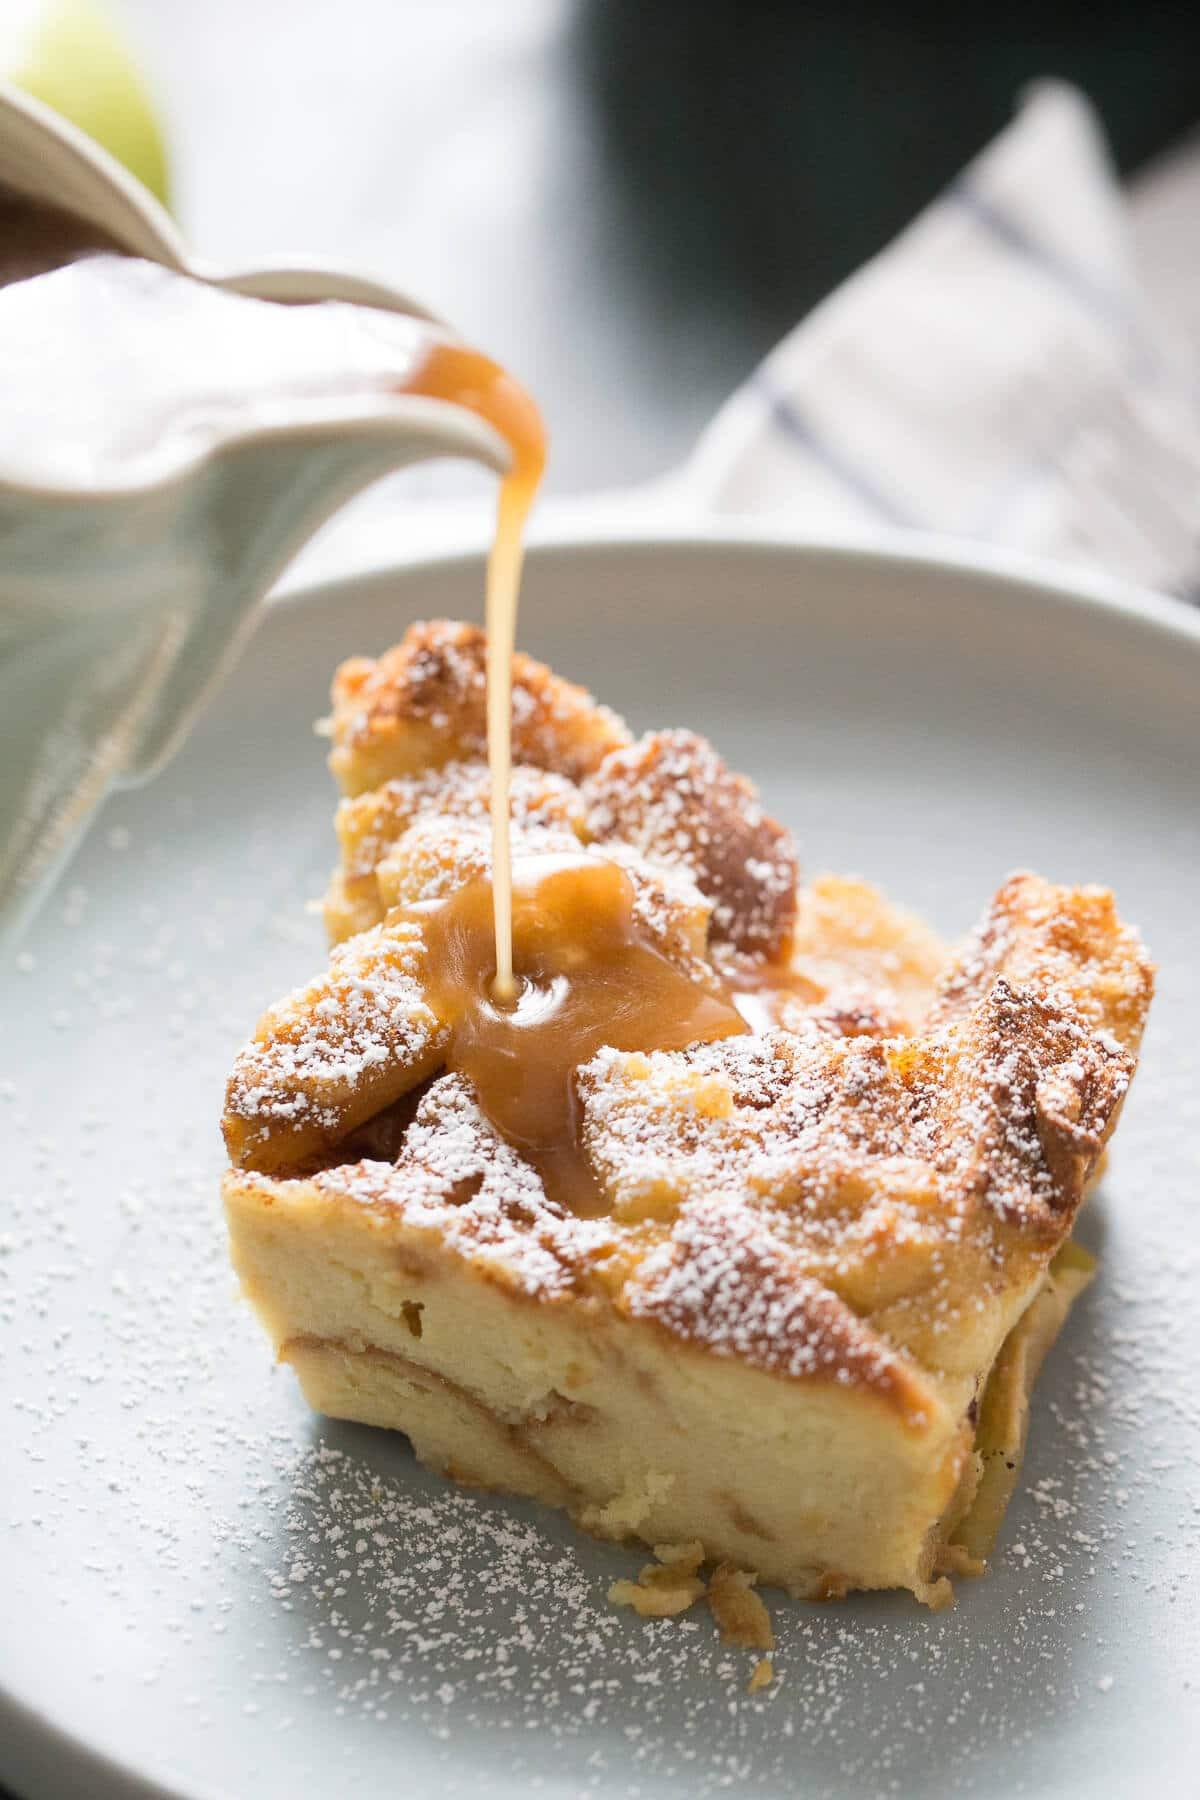 Dessert Bread Recipes  Apples Foster Bread Pudding Recipe LemonsforLulu